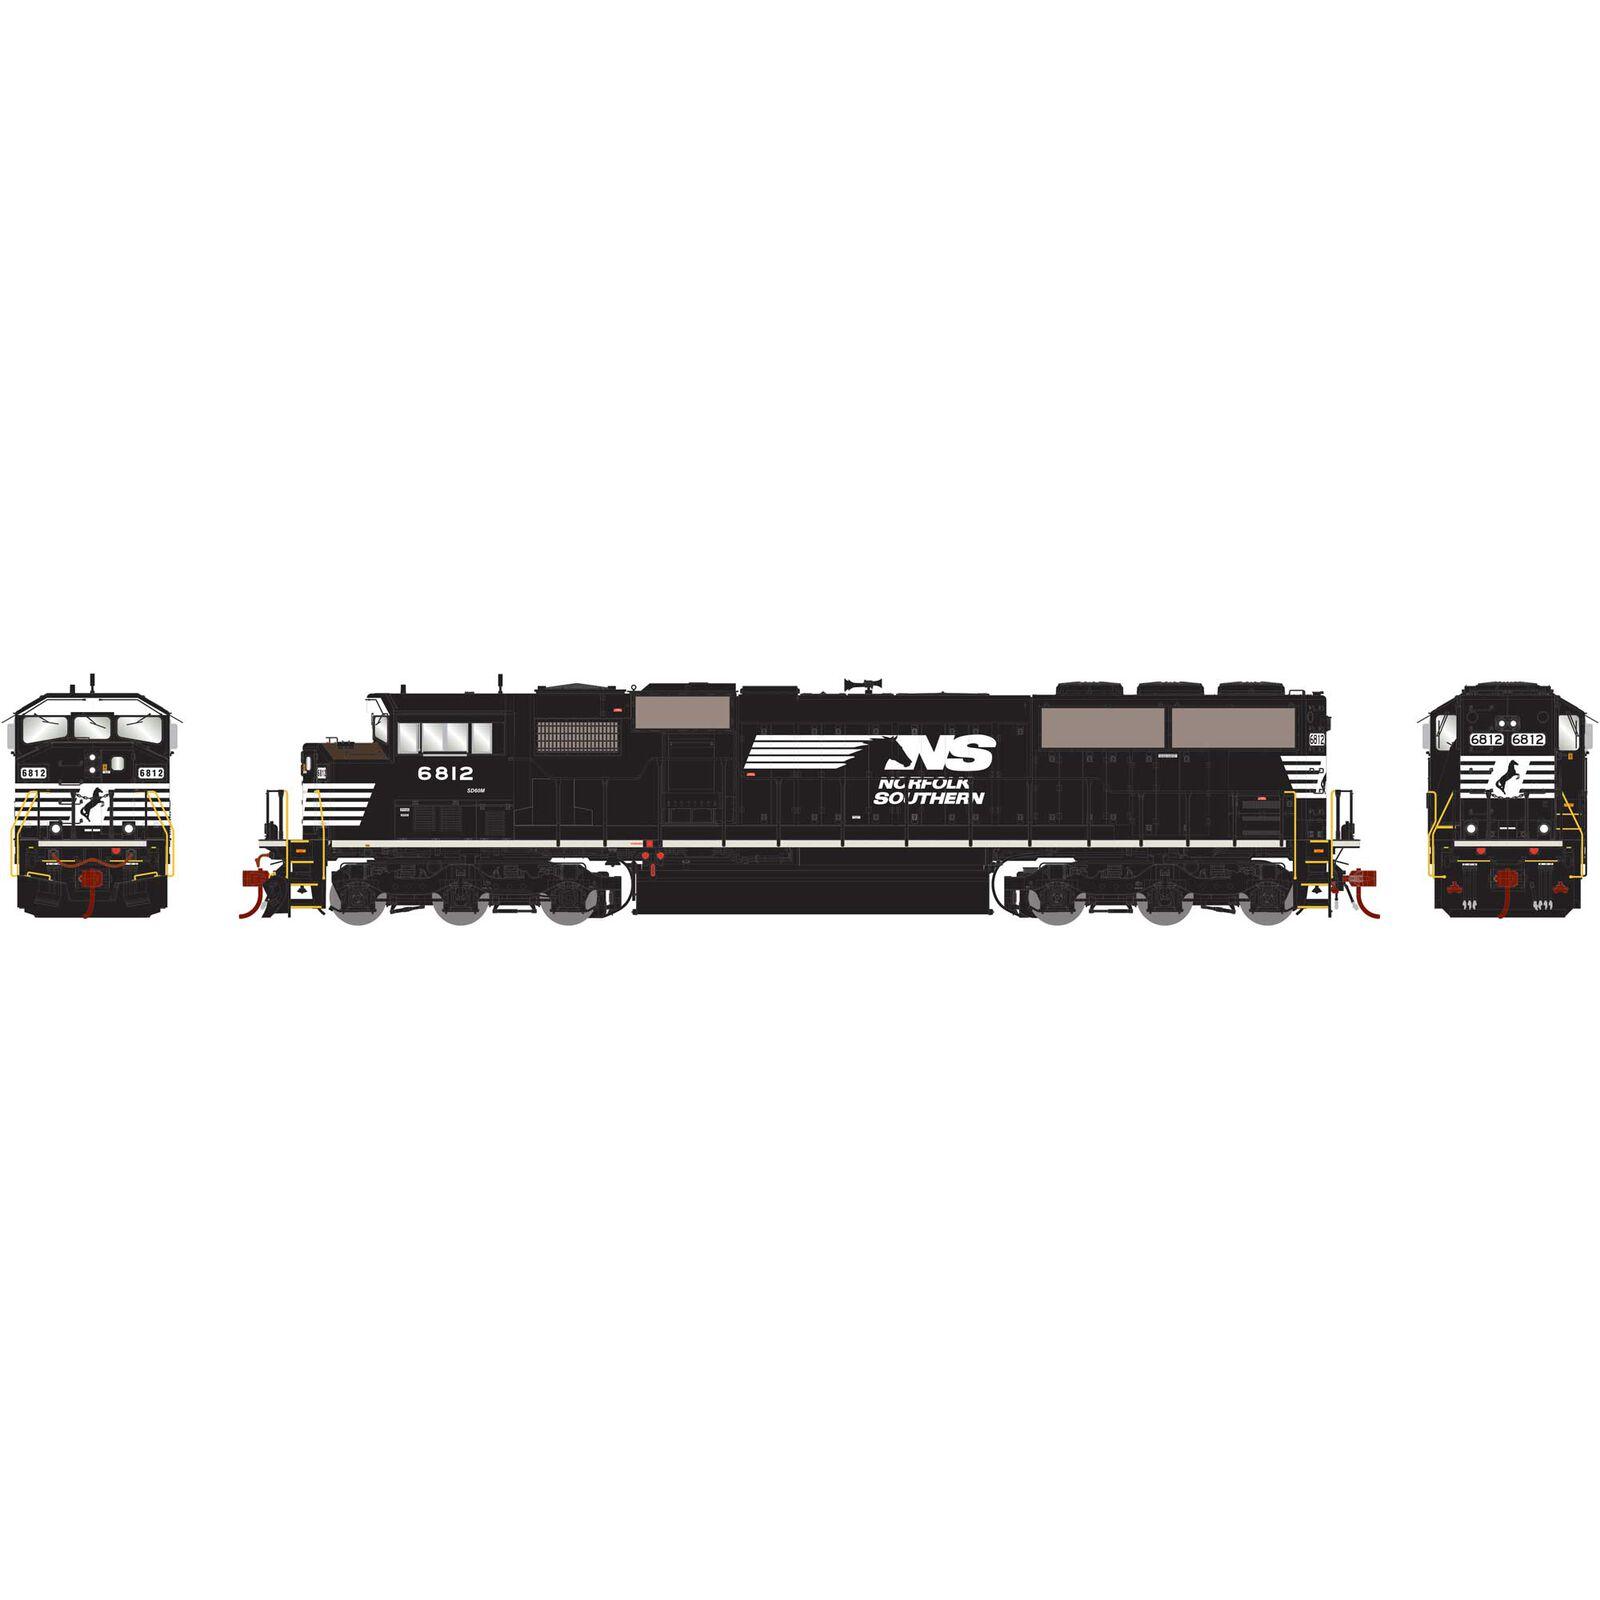 HO G2 SD60M Tri-Clops NS #6812